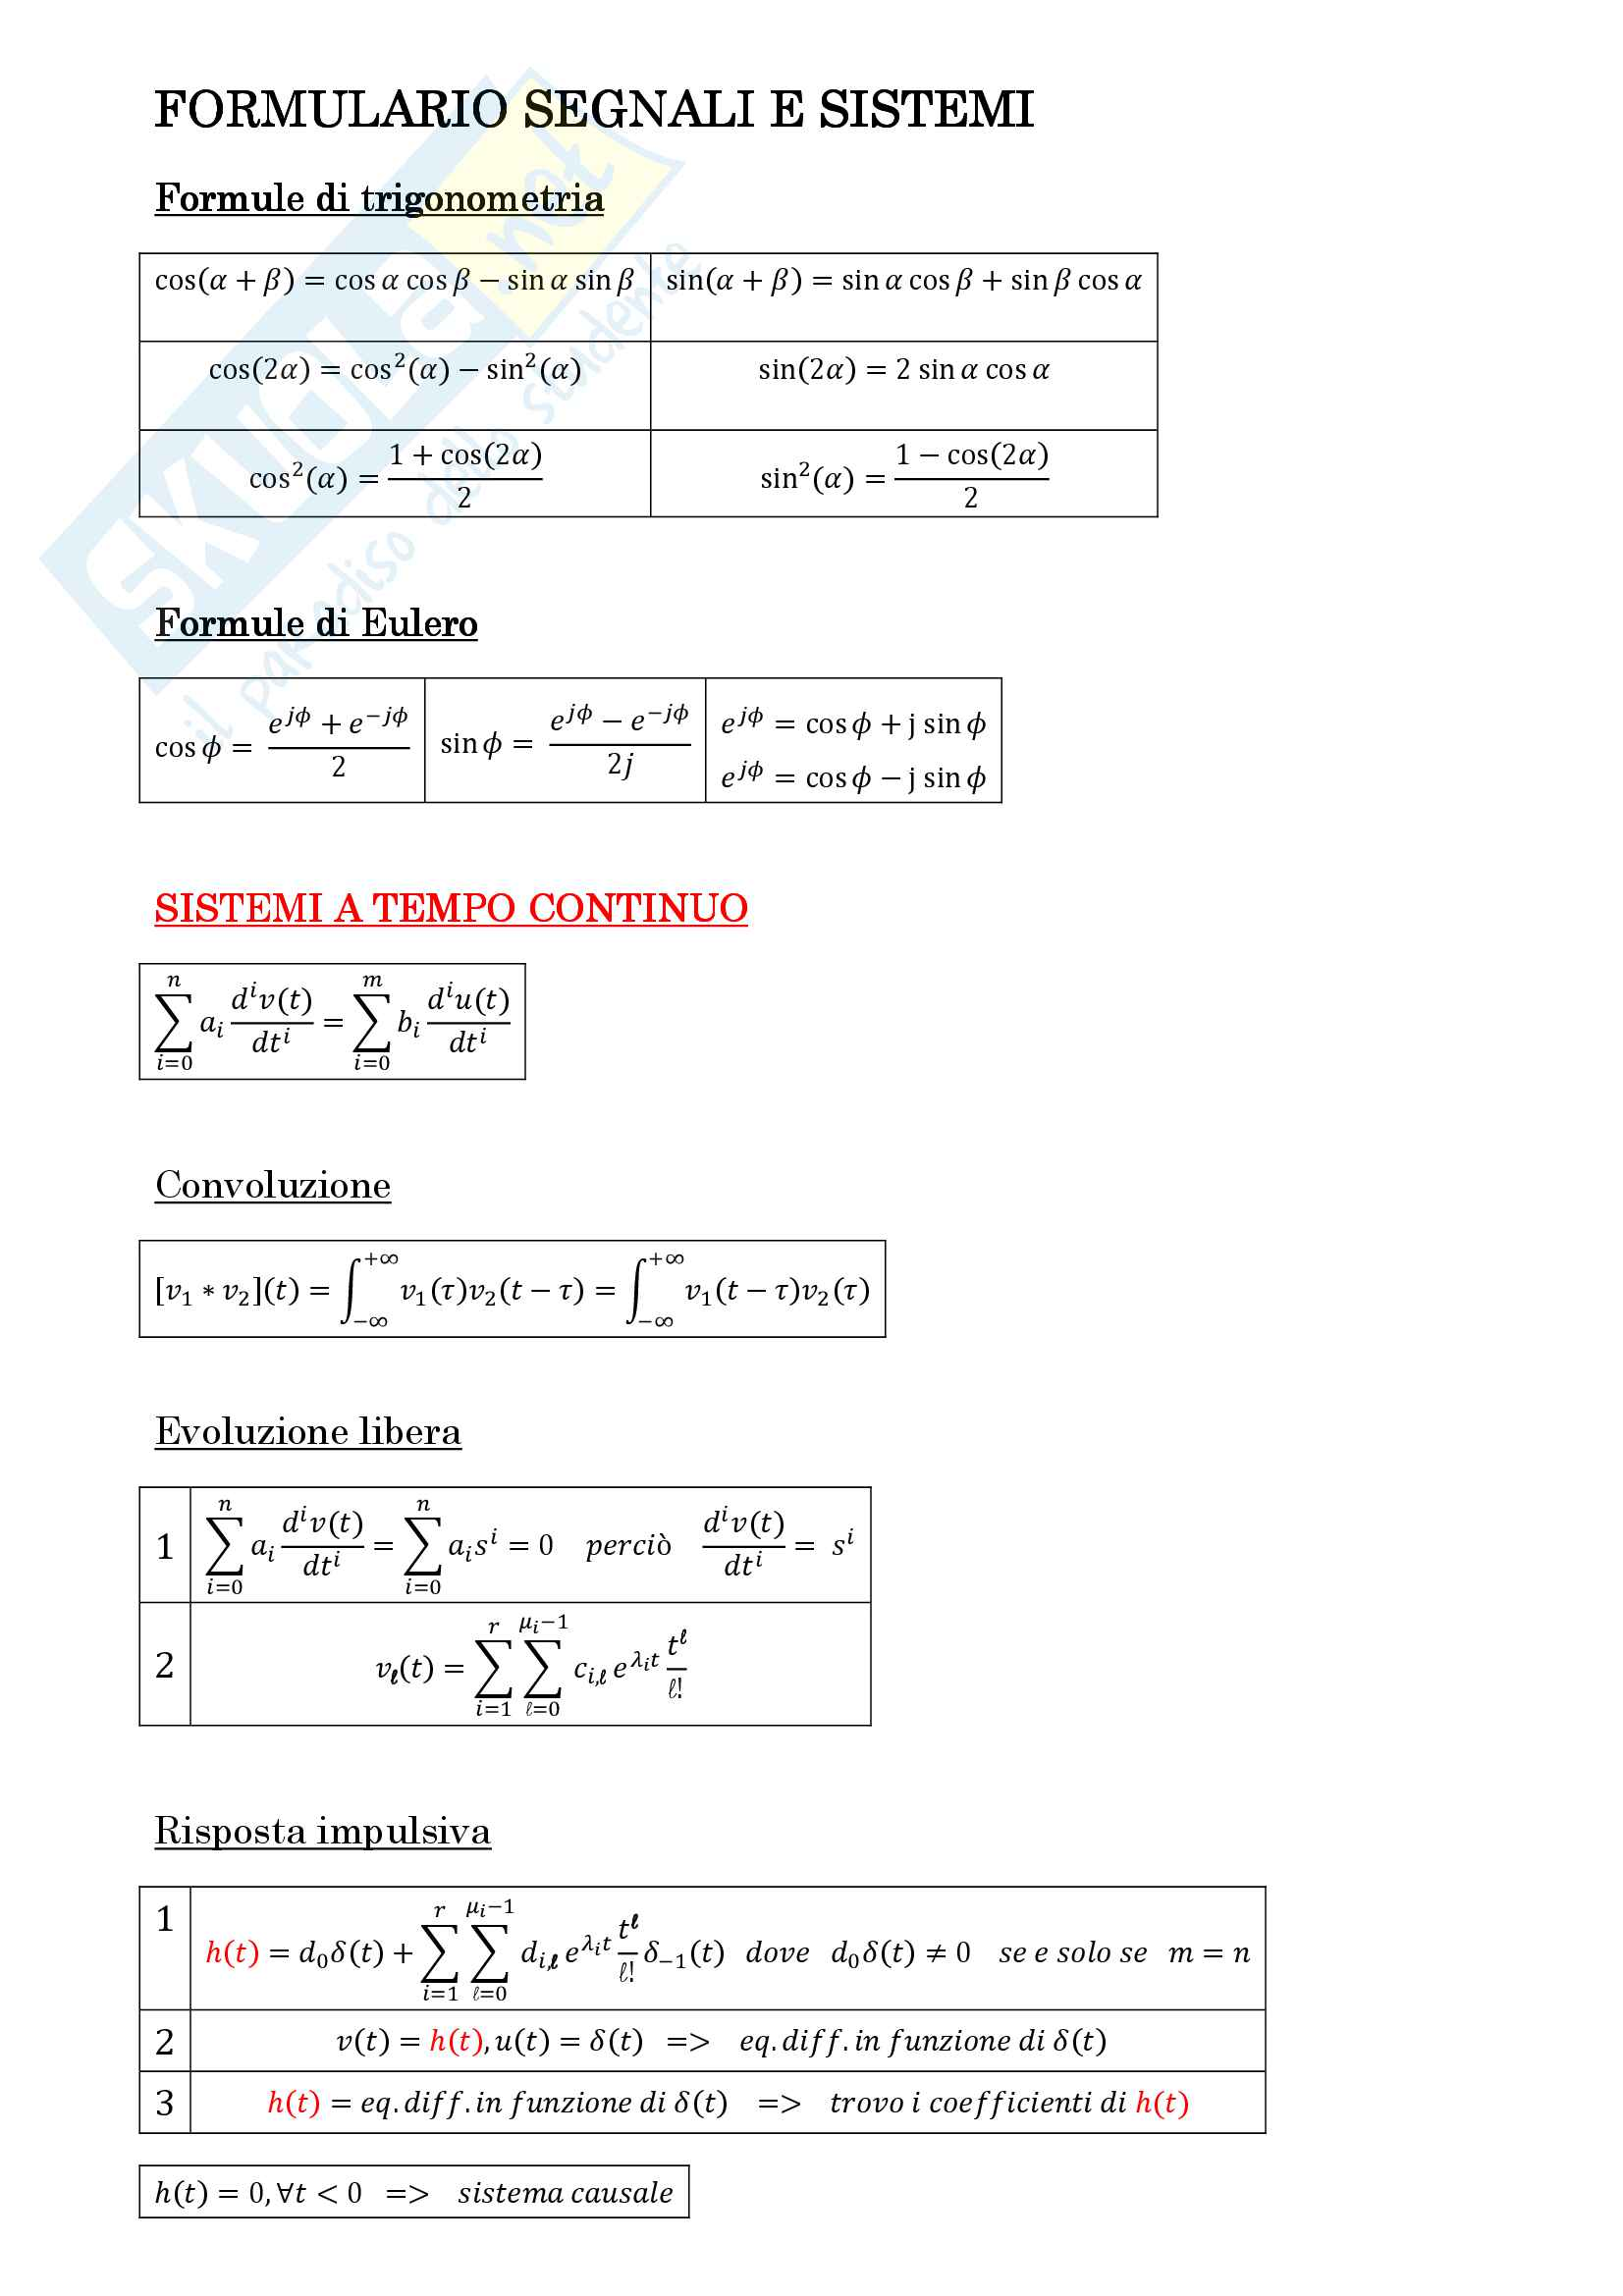 Riassunto di formule Segnali e sistemi - Pillonetto - Carli